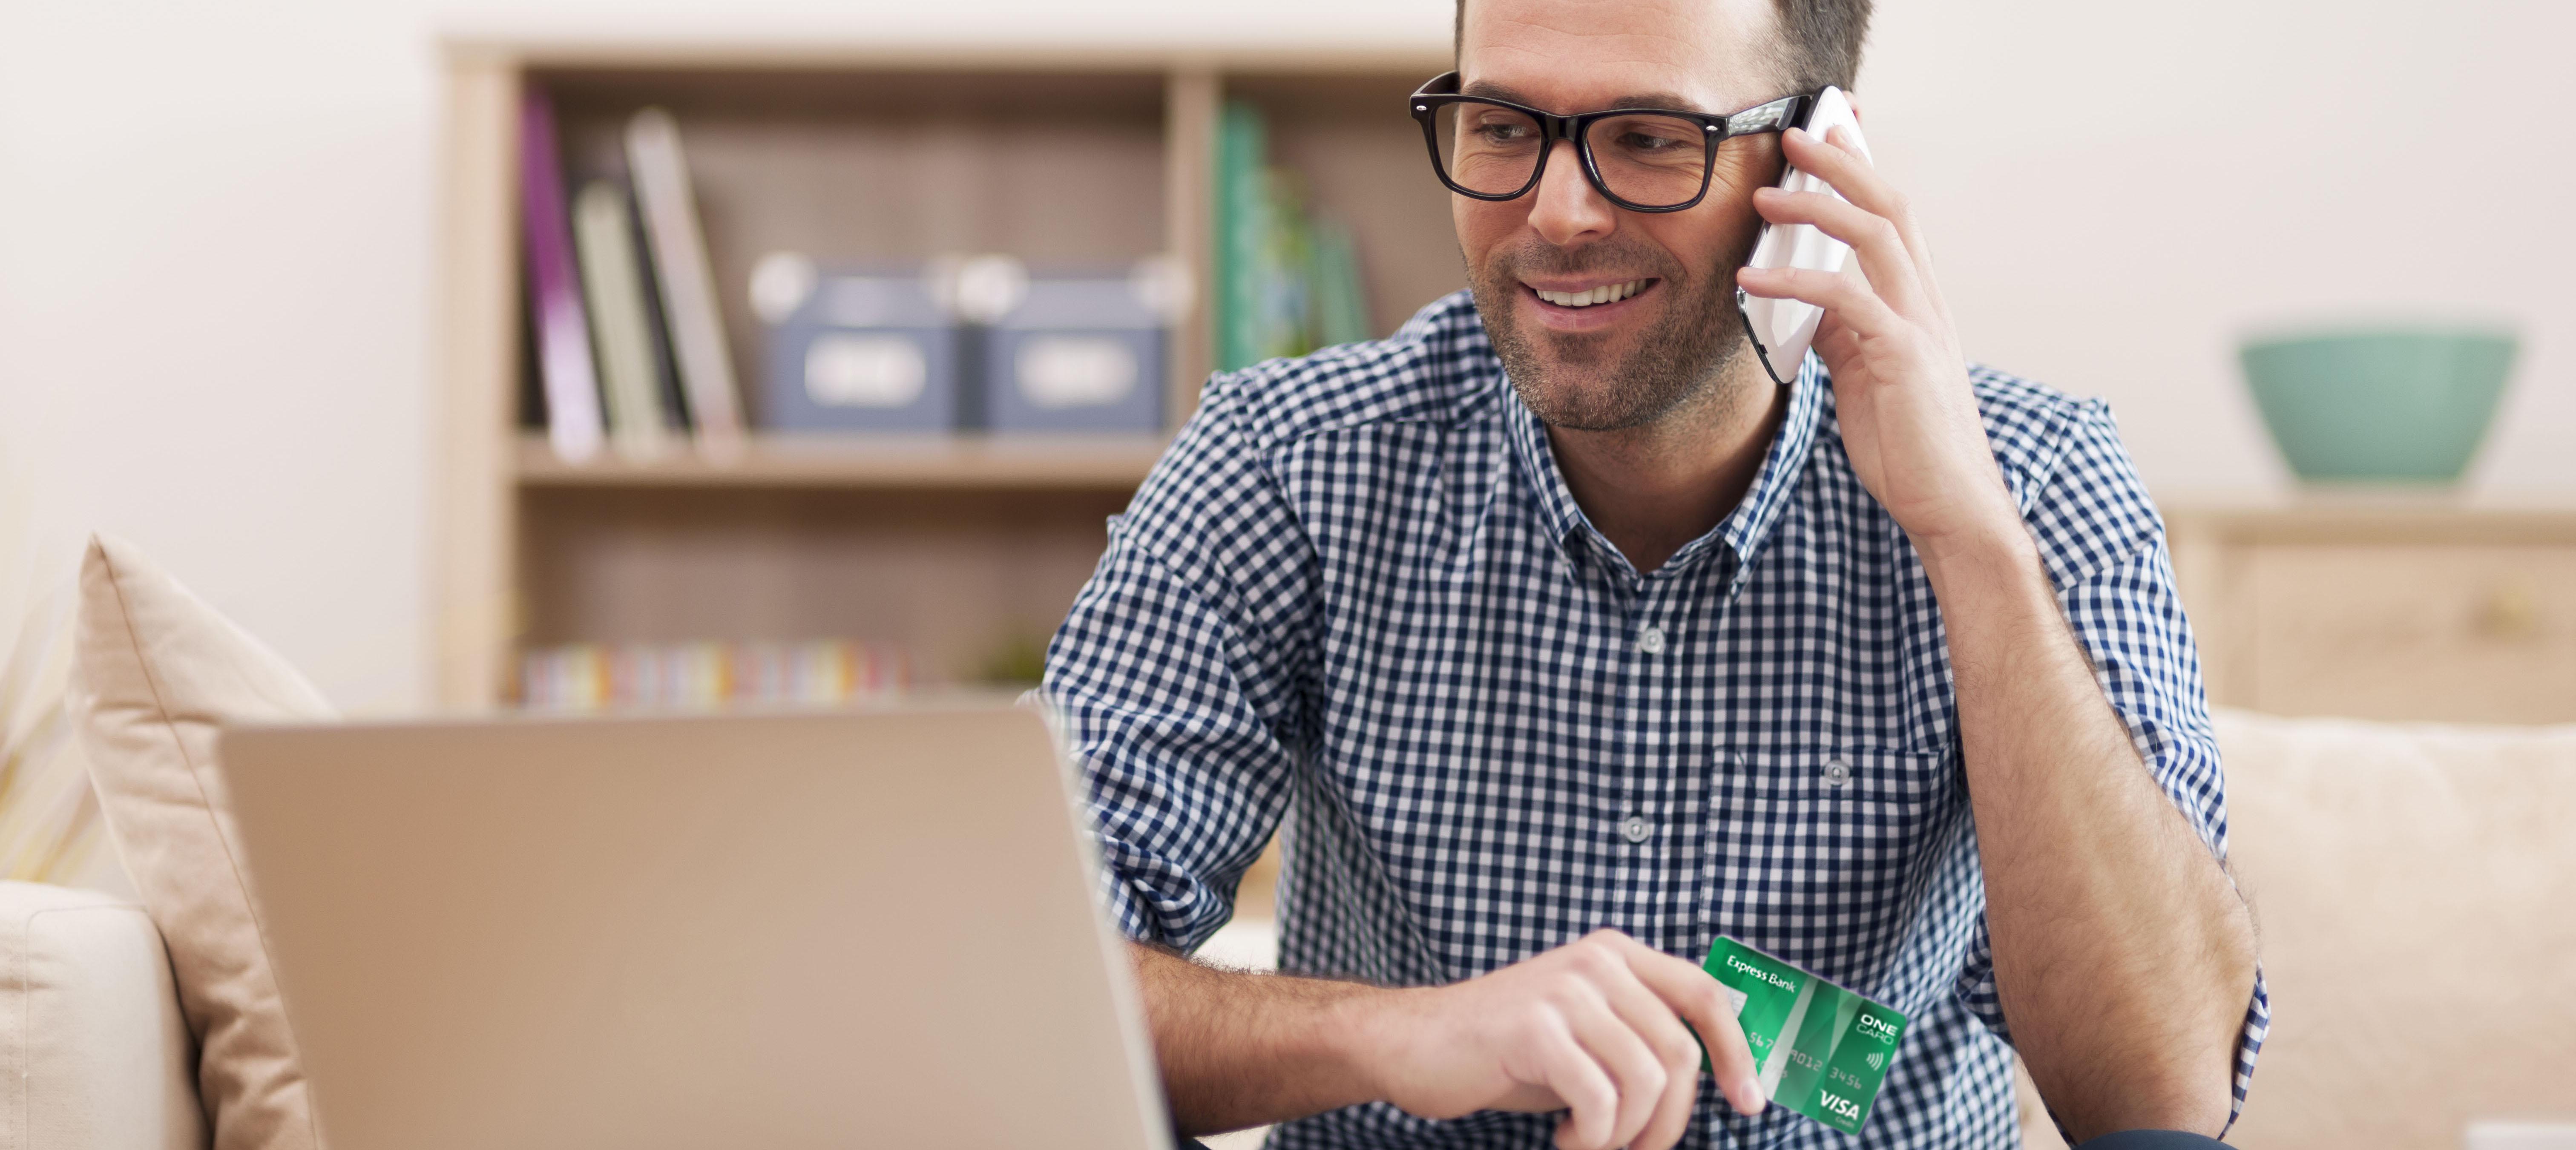 Vi tilbyder et Visa kreditkort med fleksibel tilbagebetaling